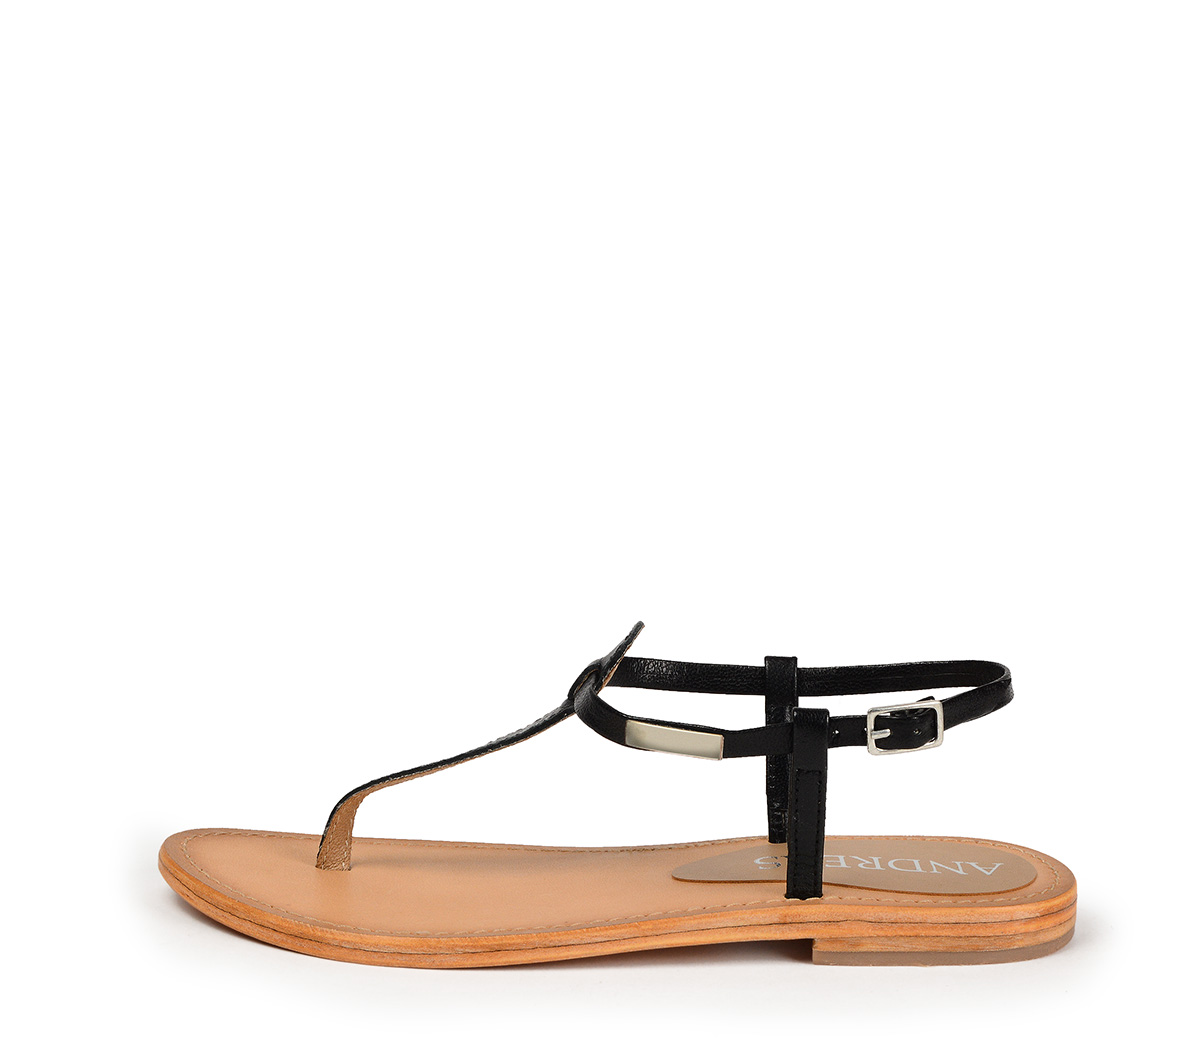 Ref. 4441 Sandalia piel negro con tira y pulsera al talón con hebilla plateada. Plantilla de piel.